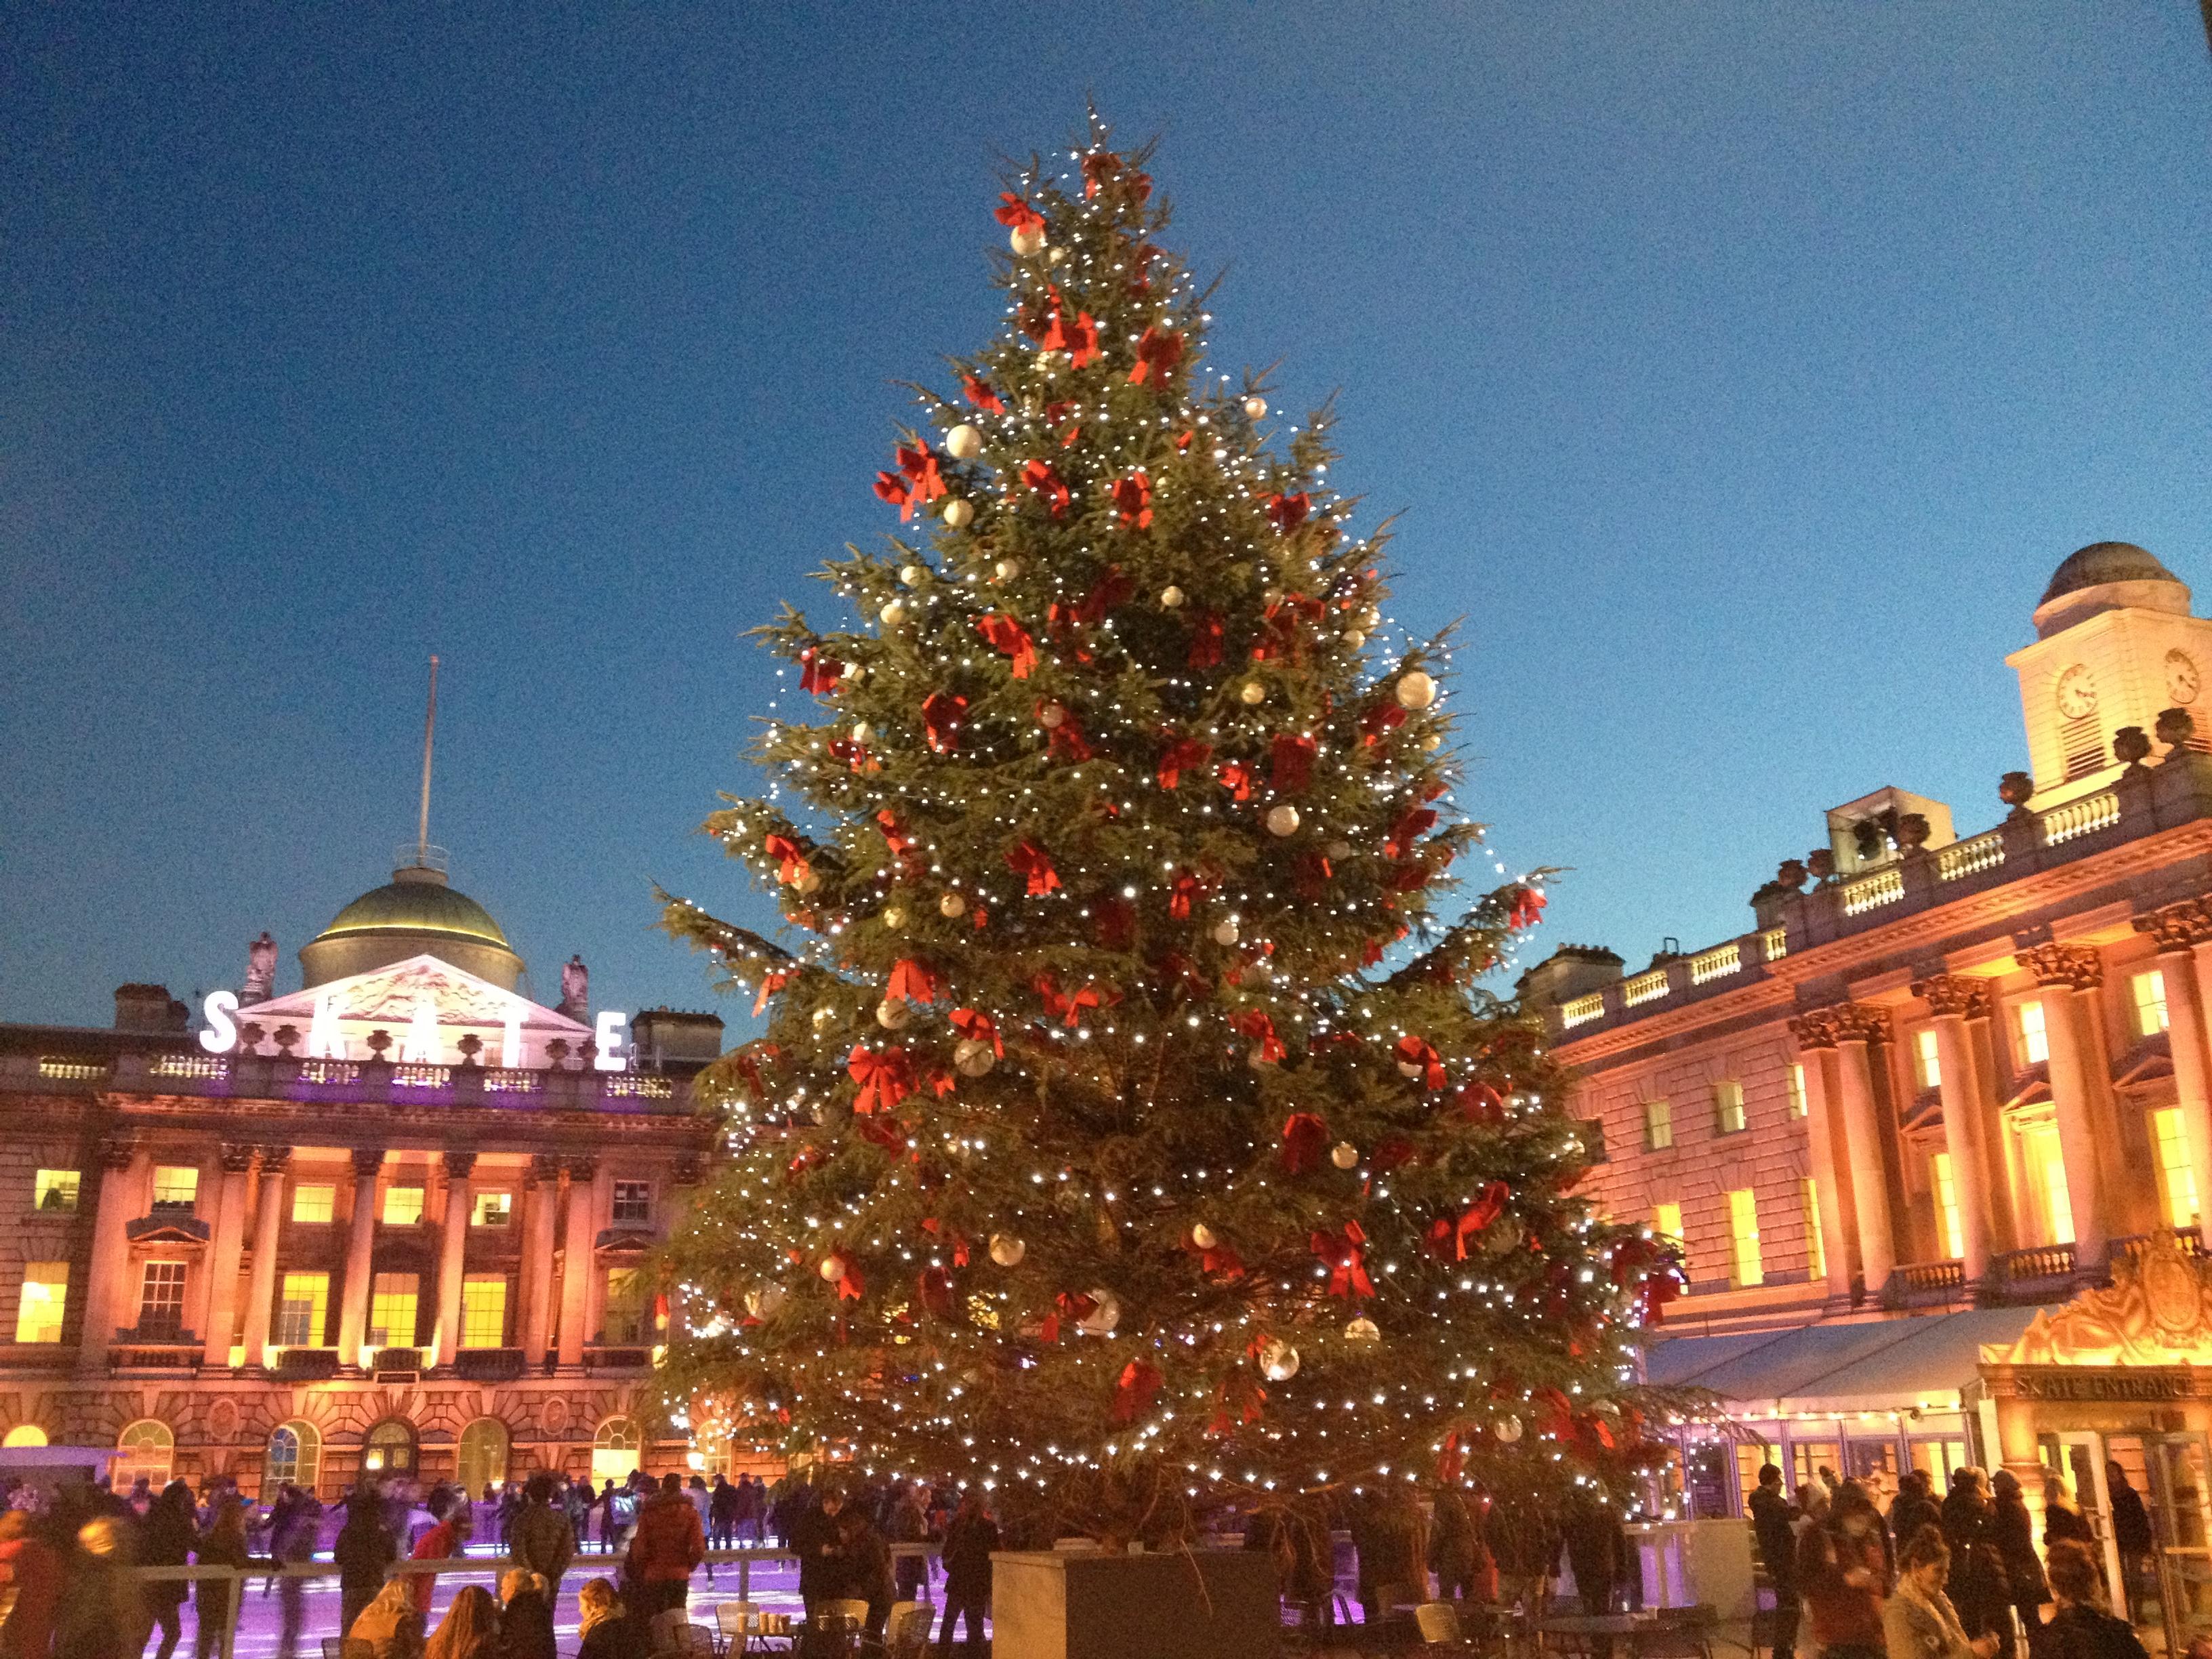 картинка рождественская елка в англии была любовь второго